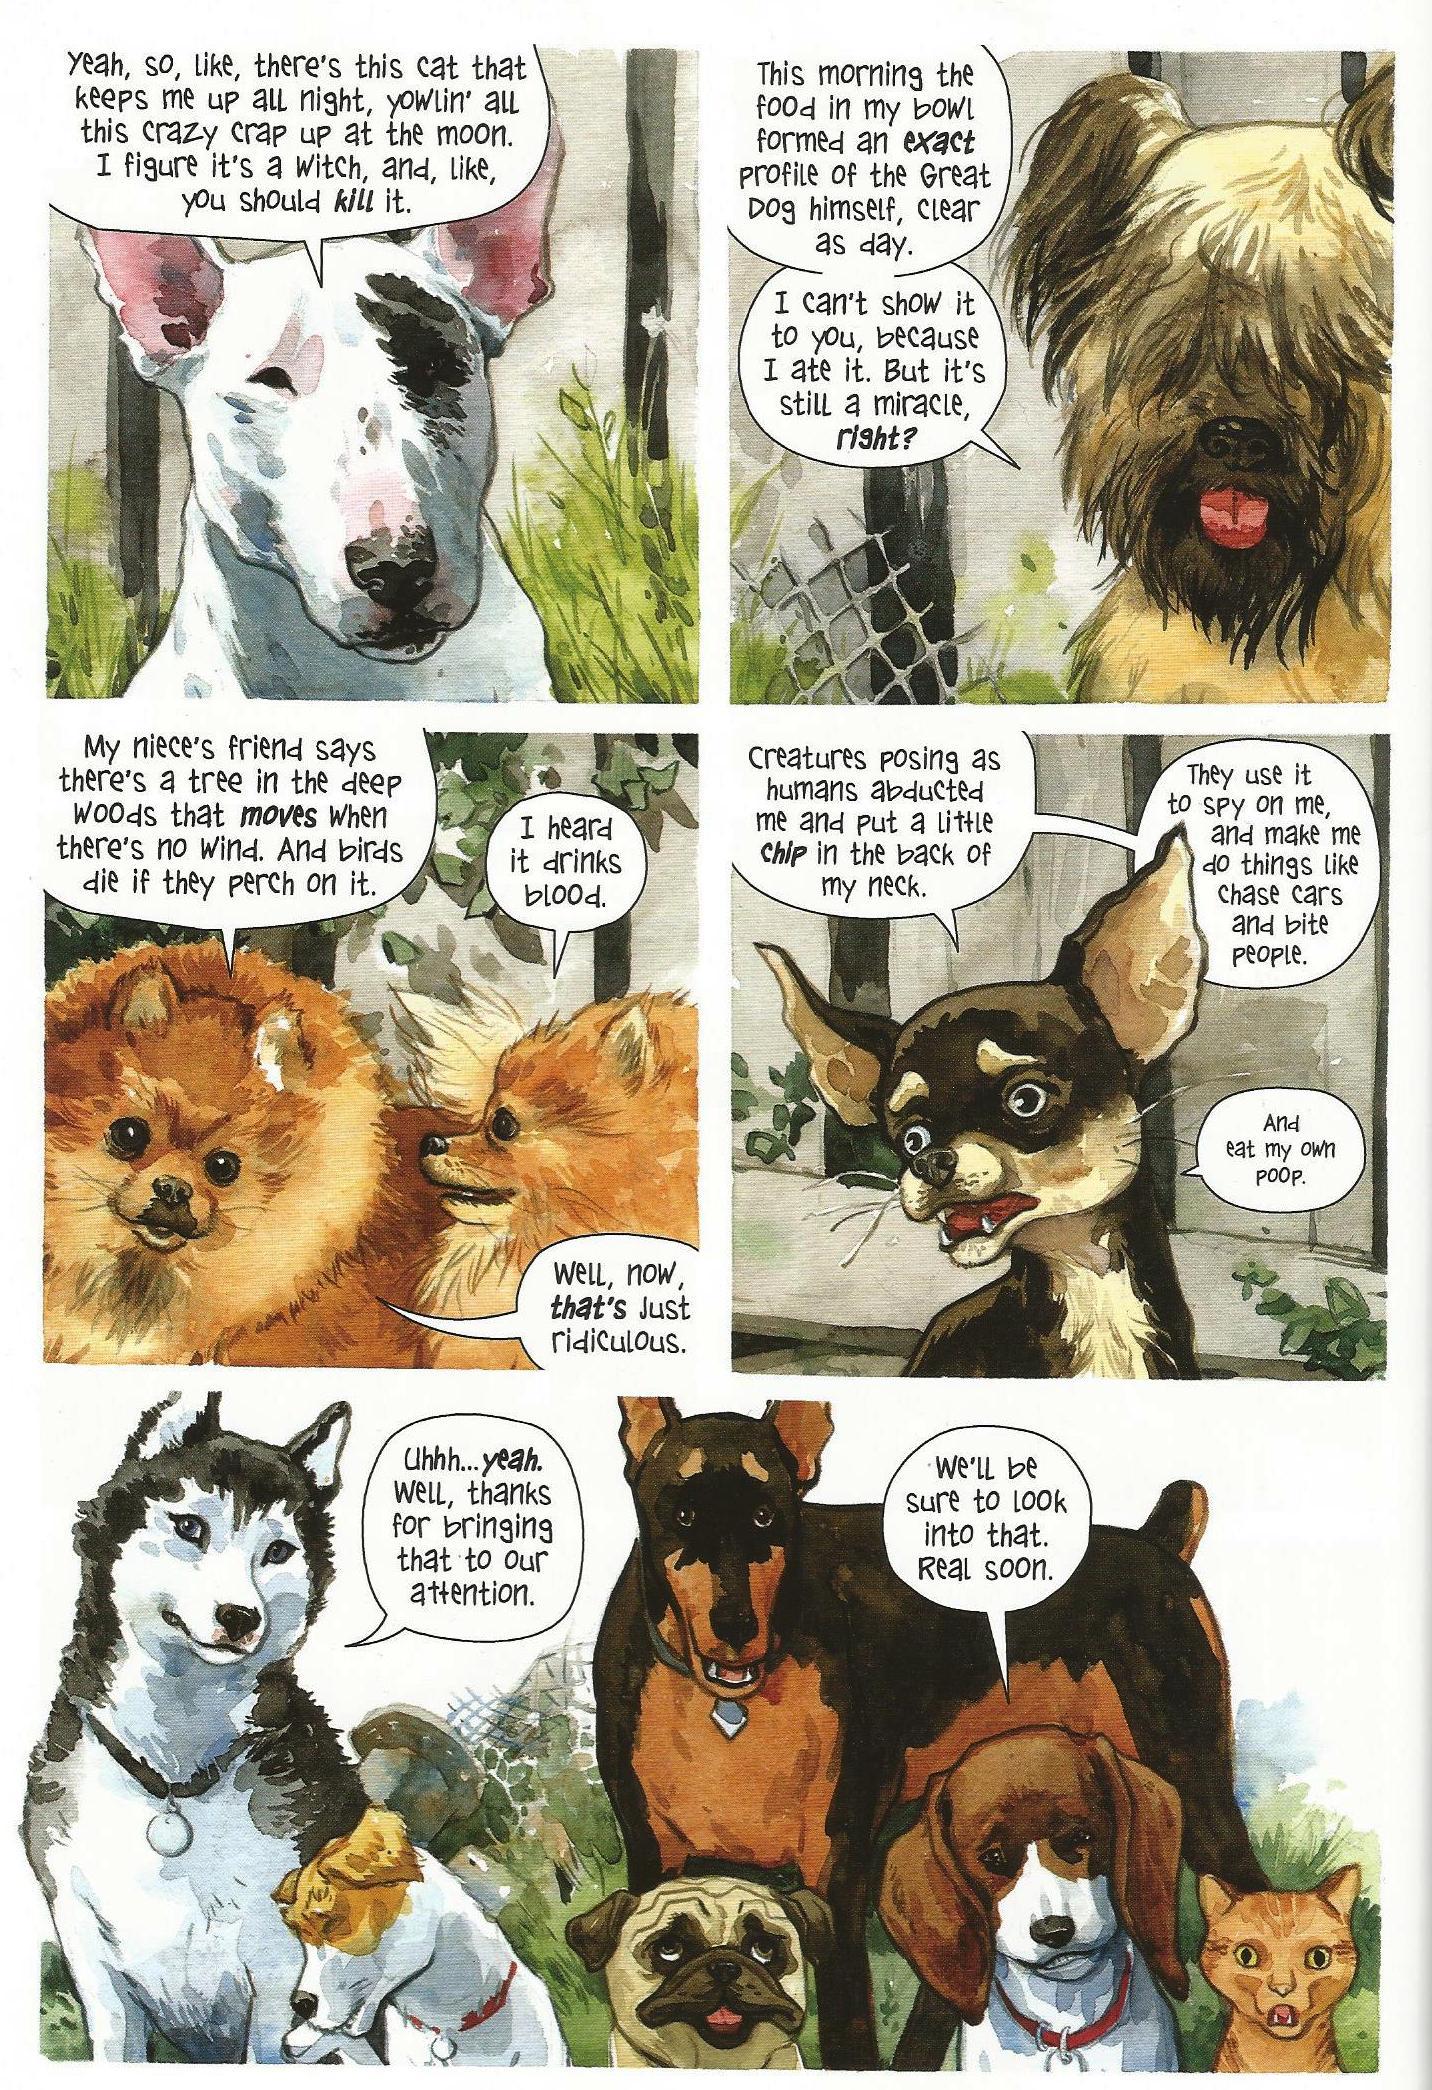 Beasts of Burden review